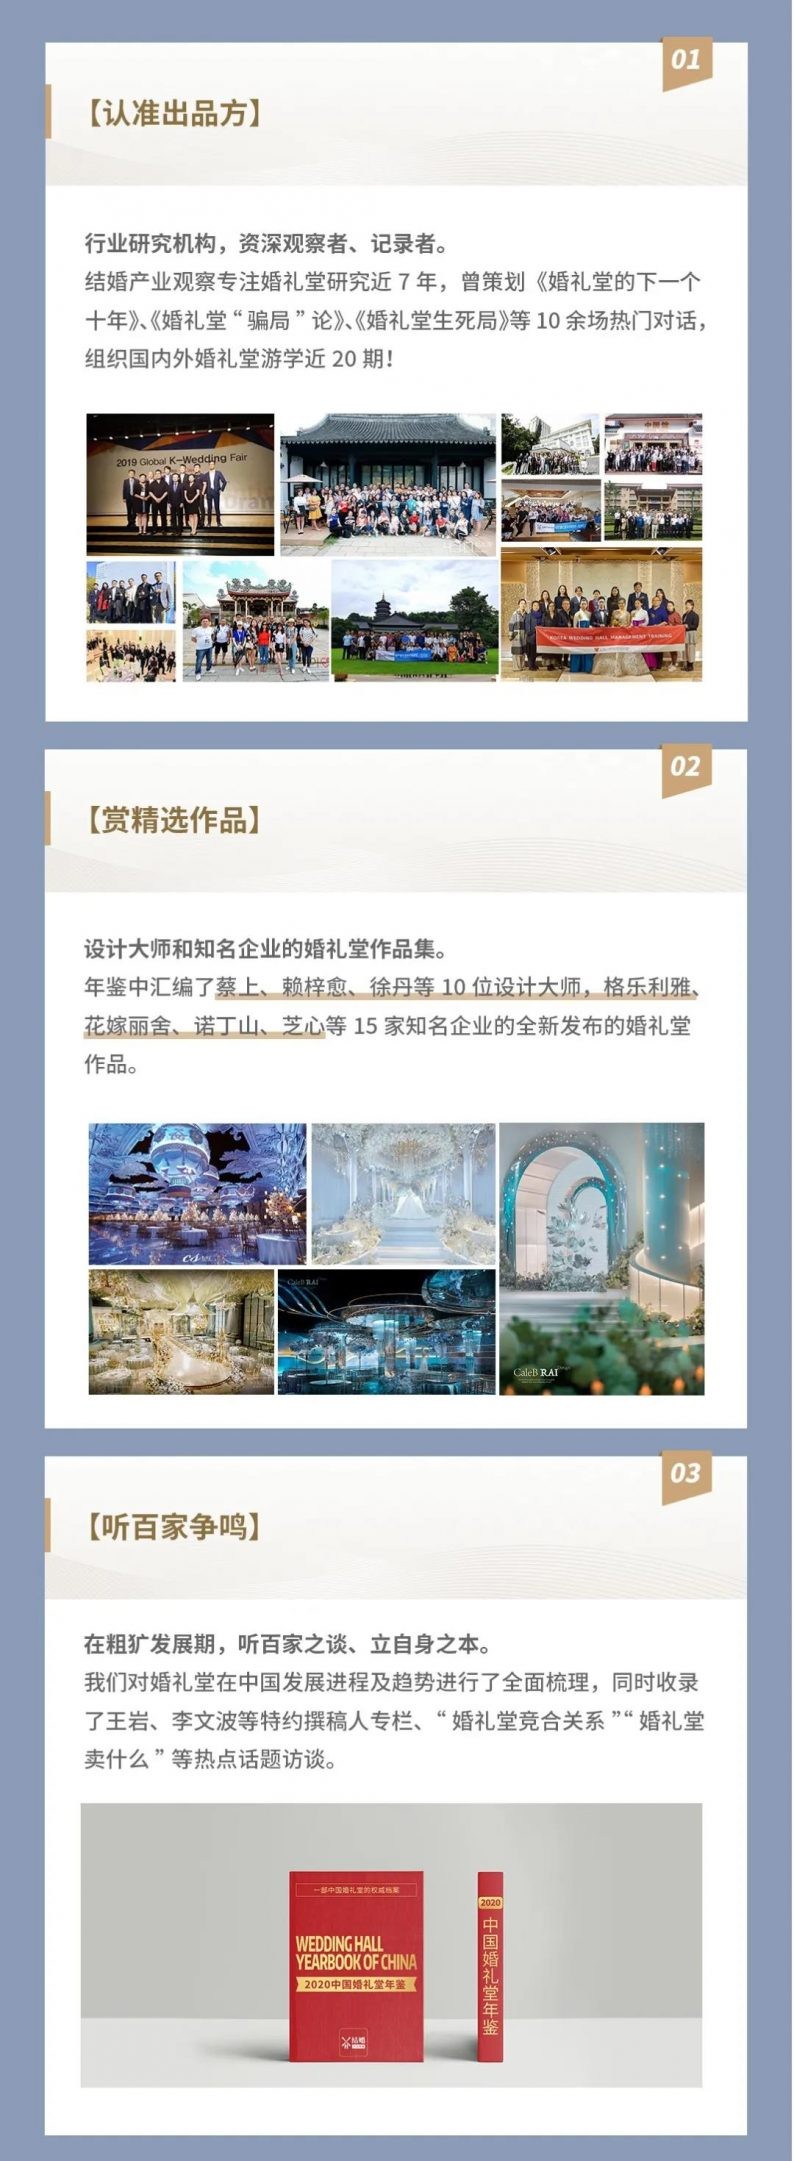 婚礼堂必备!《2020中国婚礼堂年鉴》首发预售  第5张